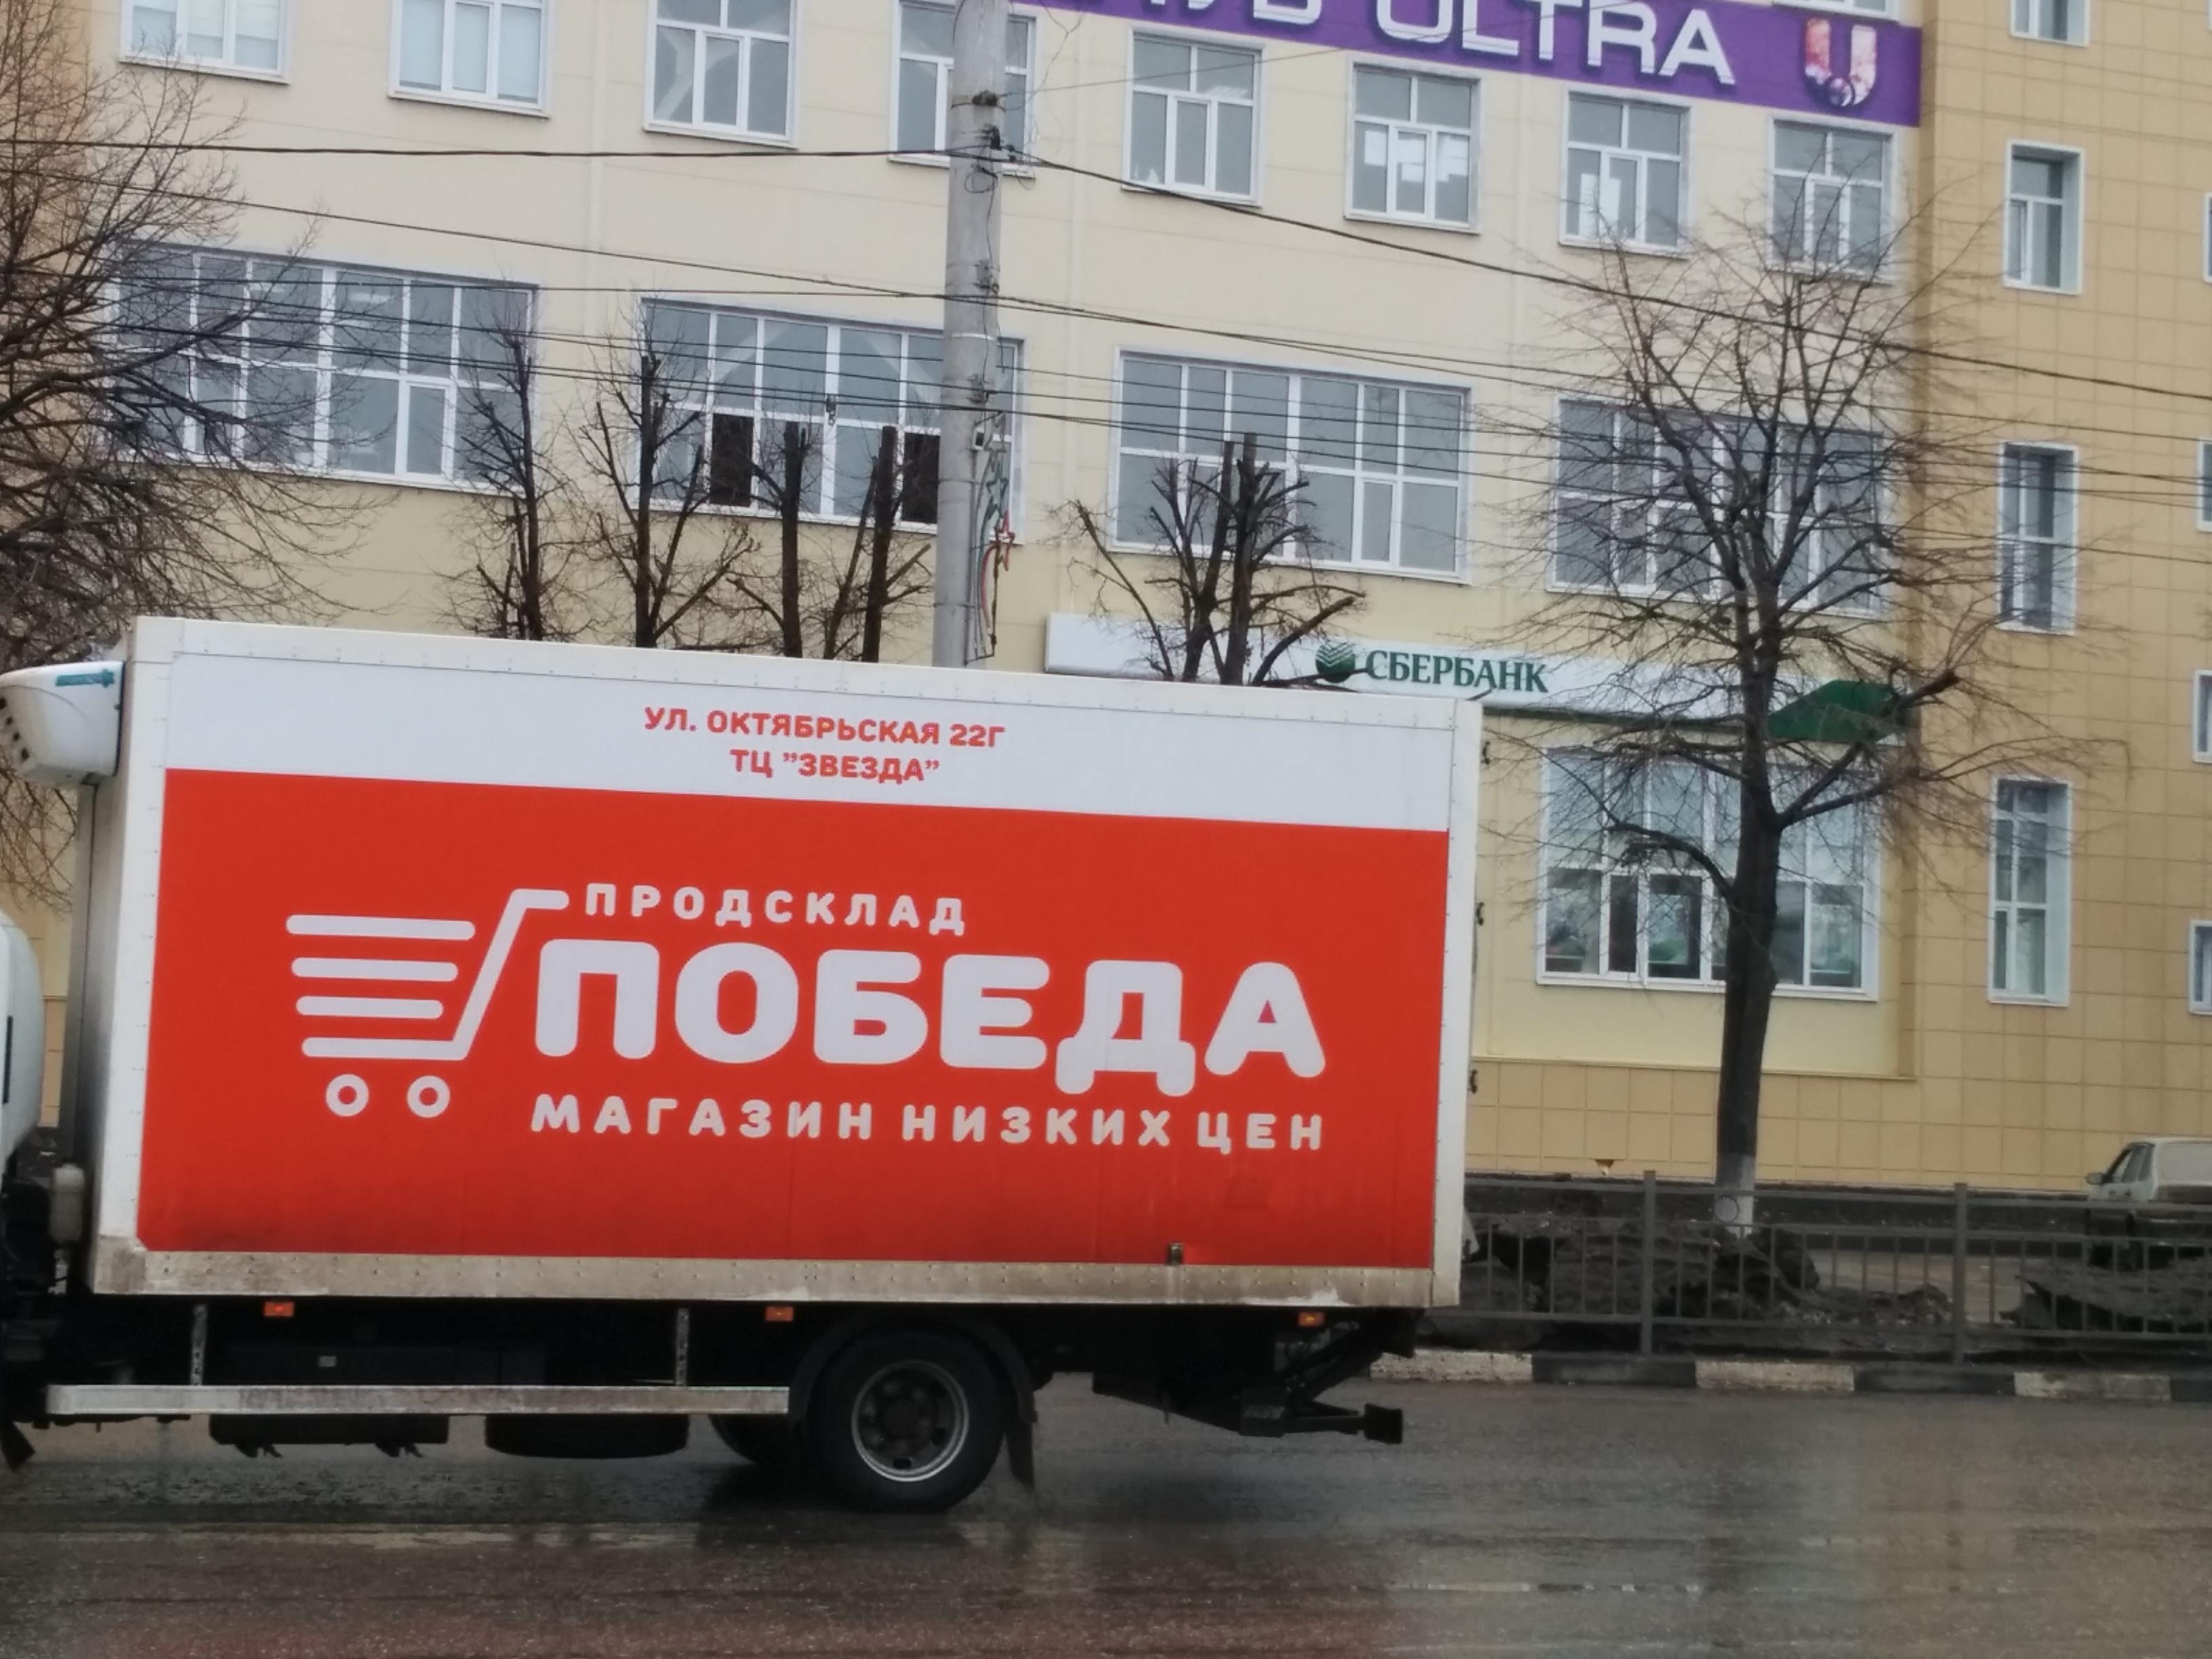 Магазин Победа Зеленодольск Режим